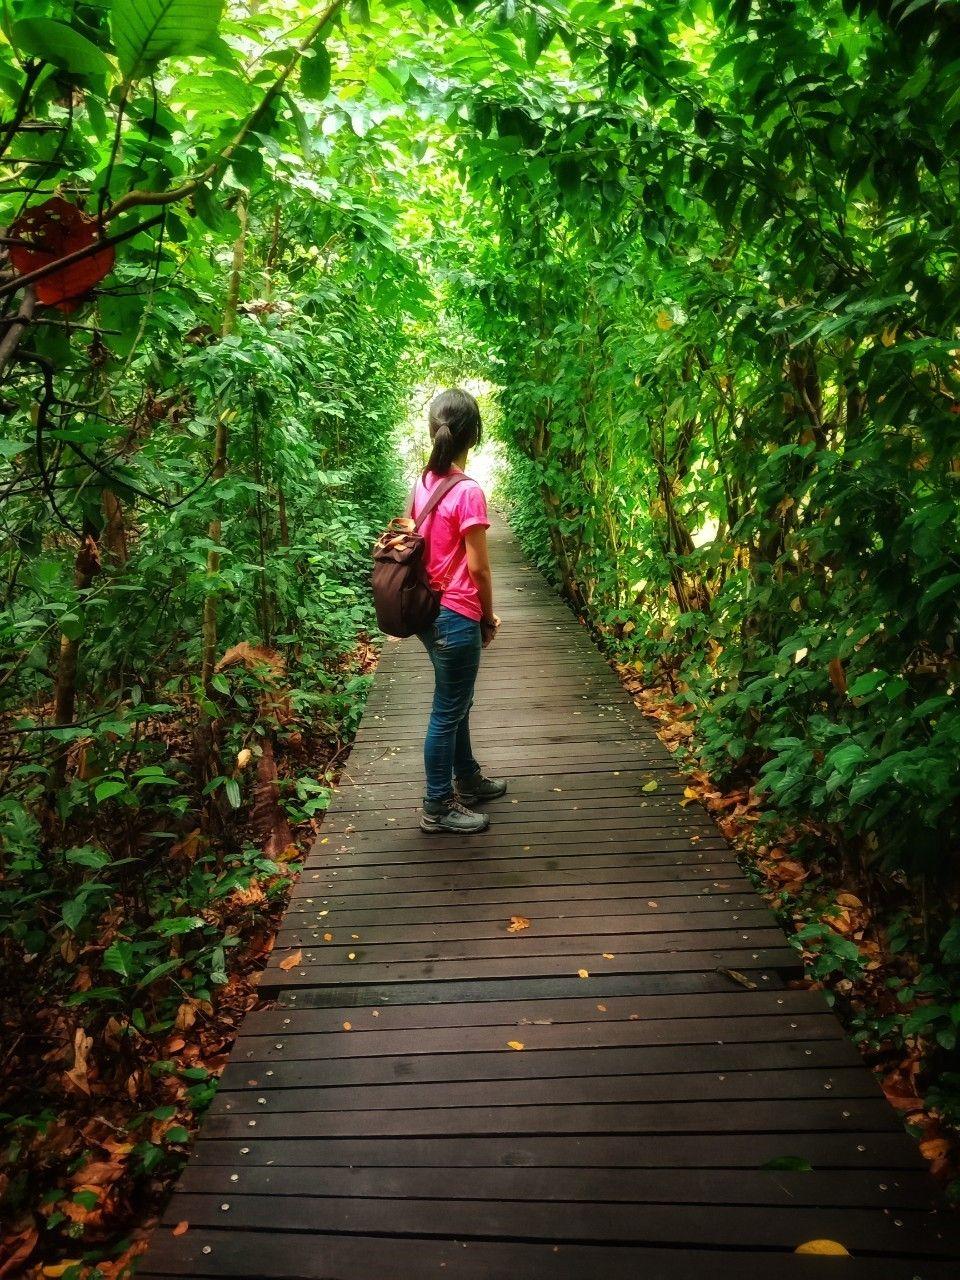 ซ้ายก็ป่า ขวาก็ป่า ข้างหน้าก็ยังไม่เห็นจุดหมาย กลับหลังก็ไม่ได้...สู้ๆนะชีวิต